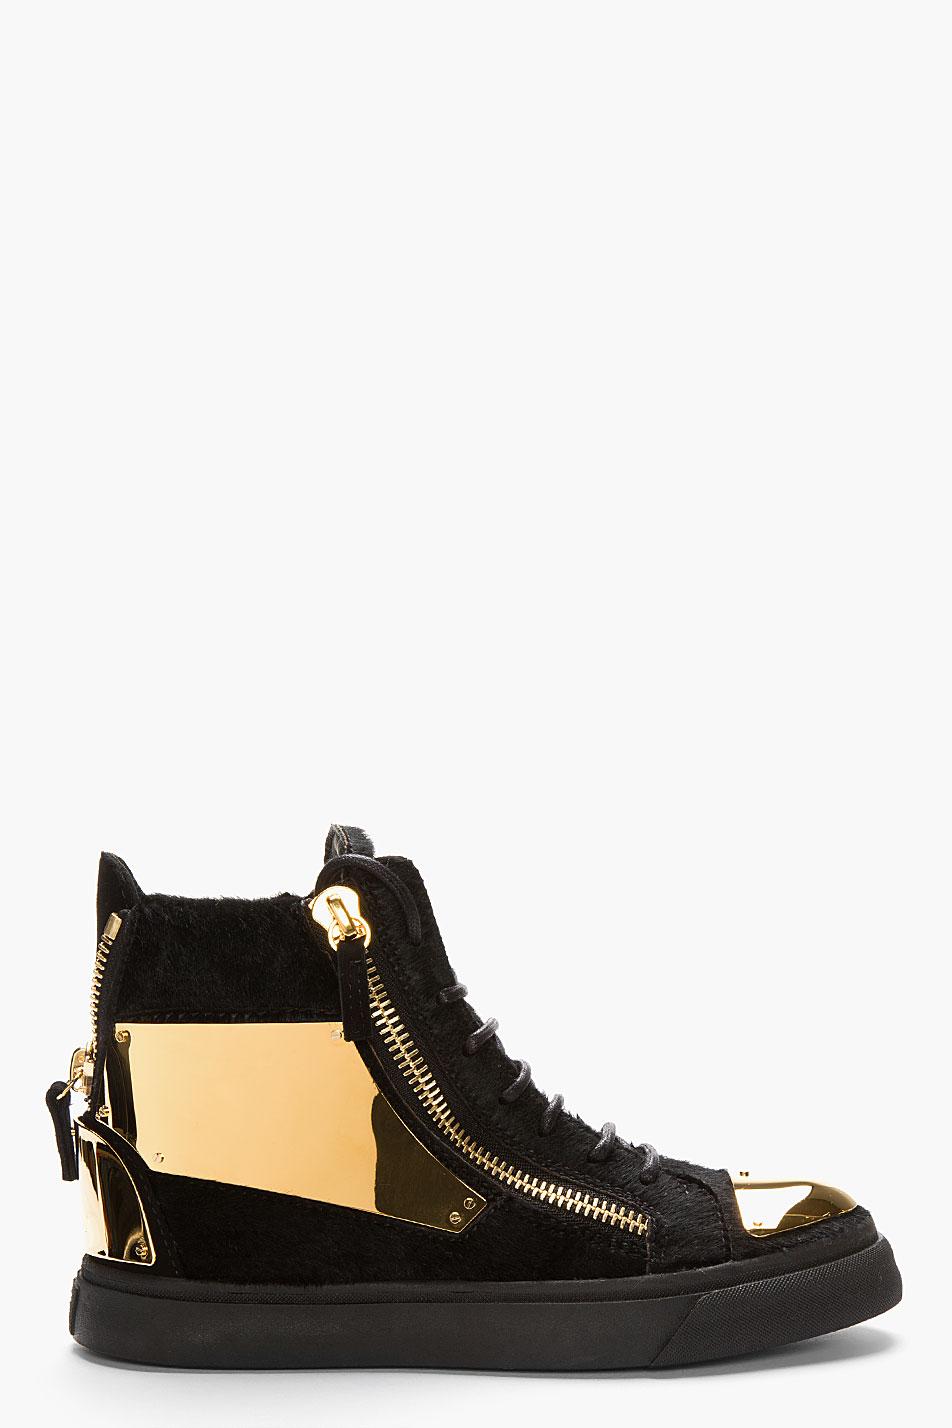 Giuseppe Zanotti London Sneakers In Black Lyst